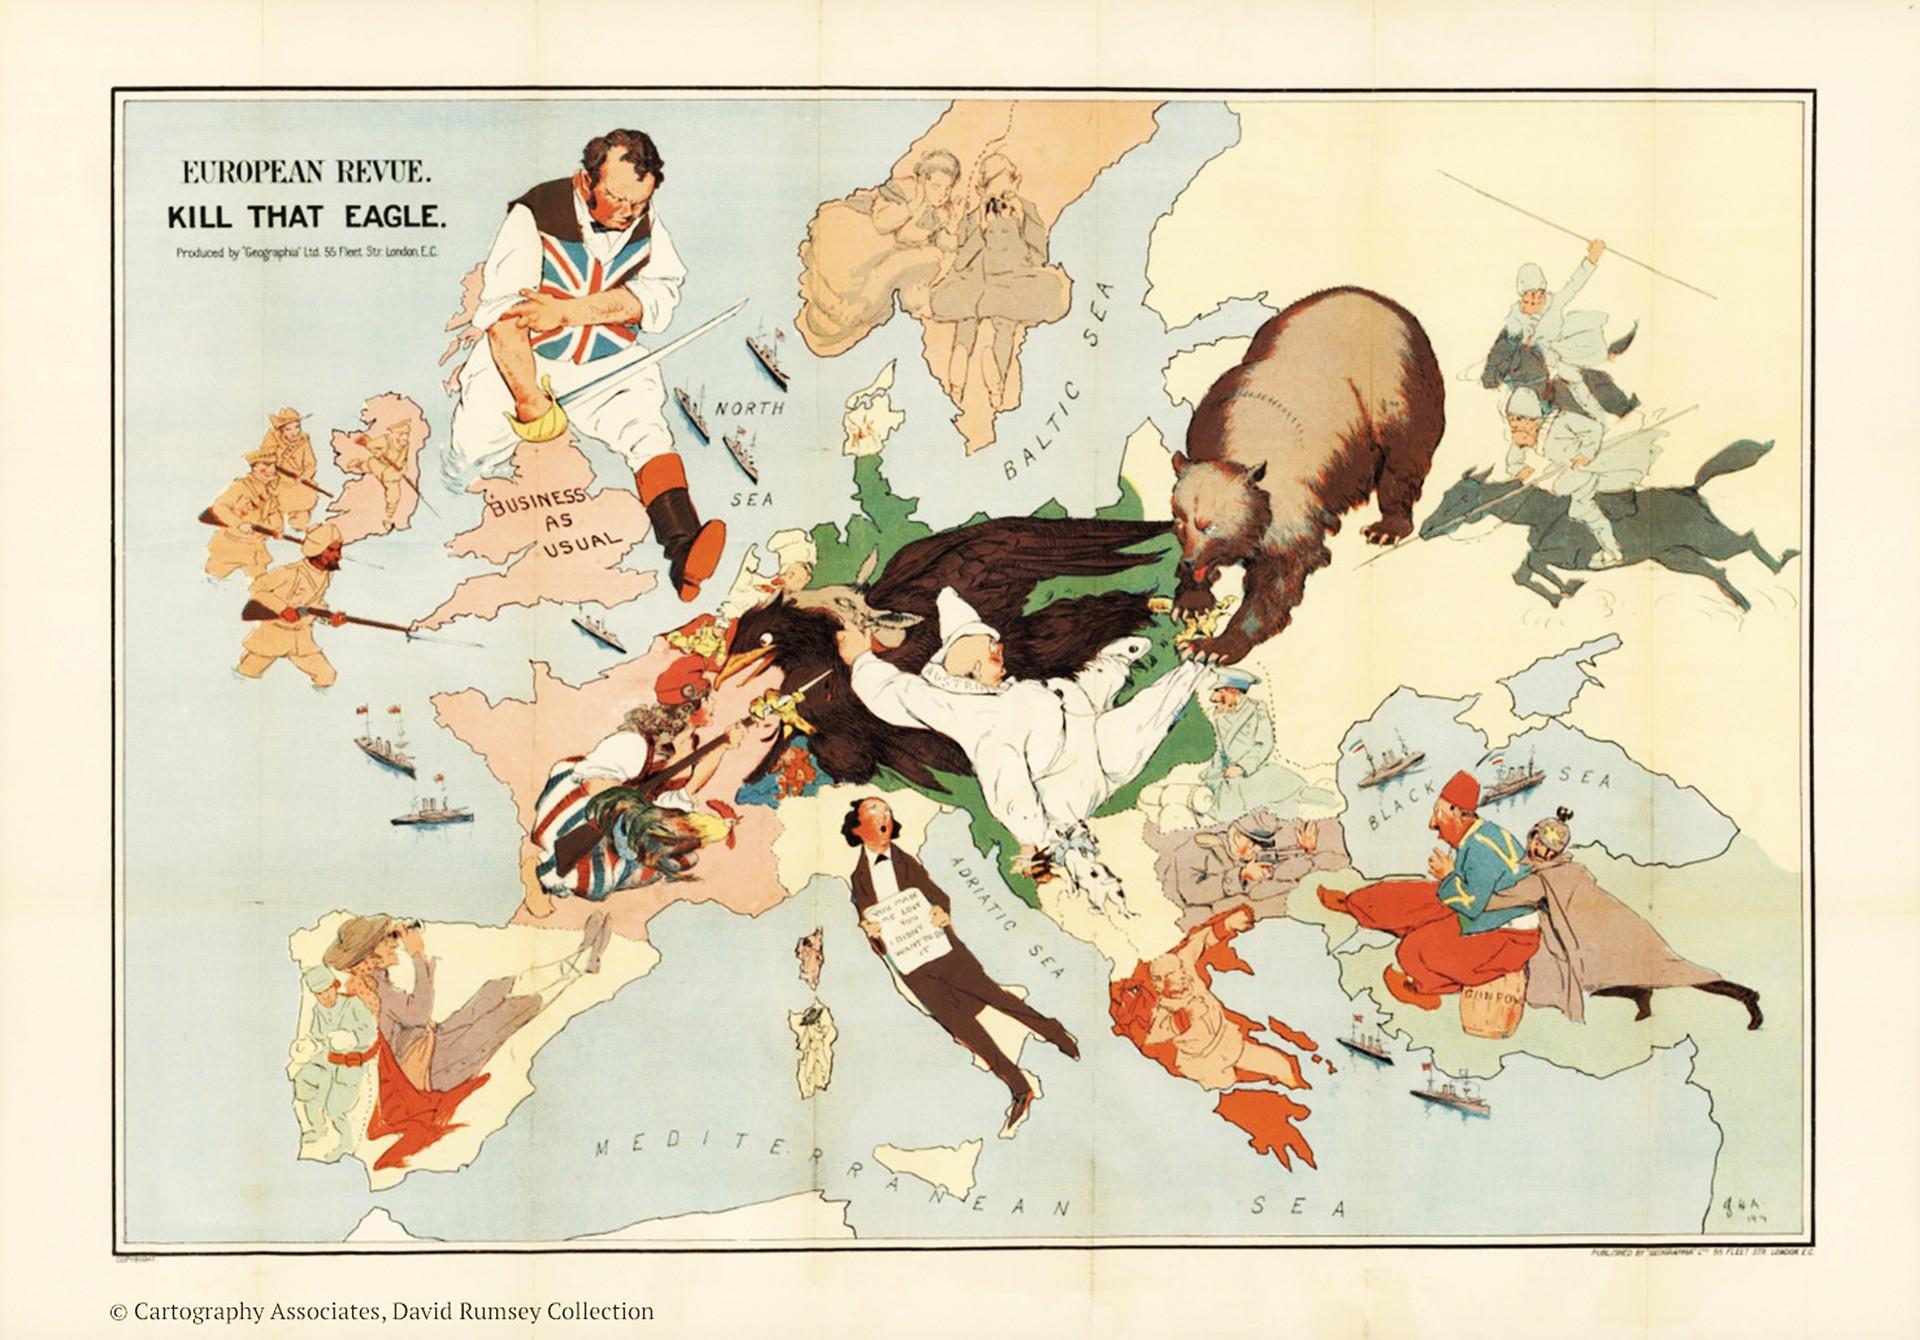 Otro mapa que representa los países en la época de la Primera Guerra Mundial.